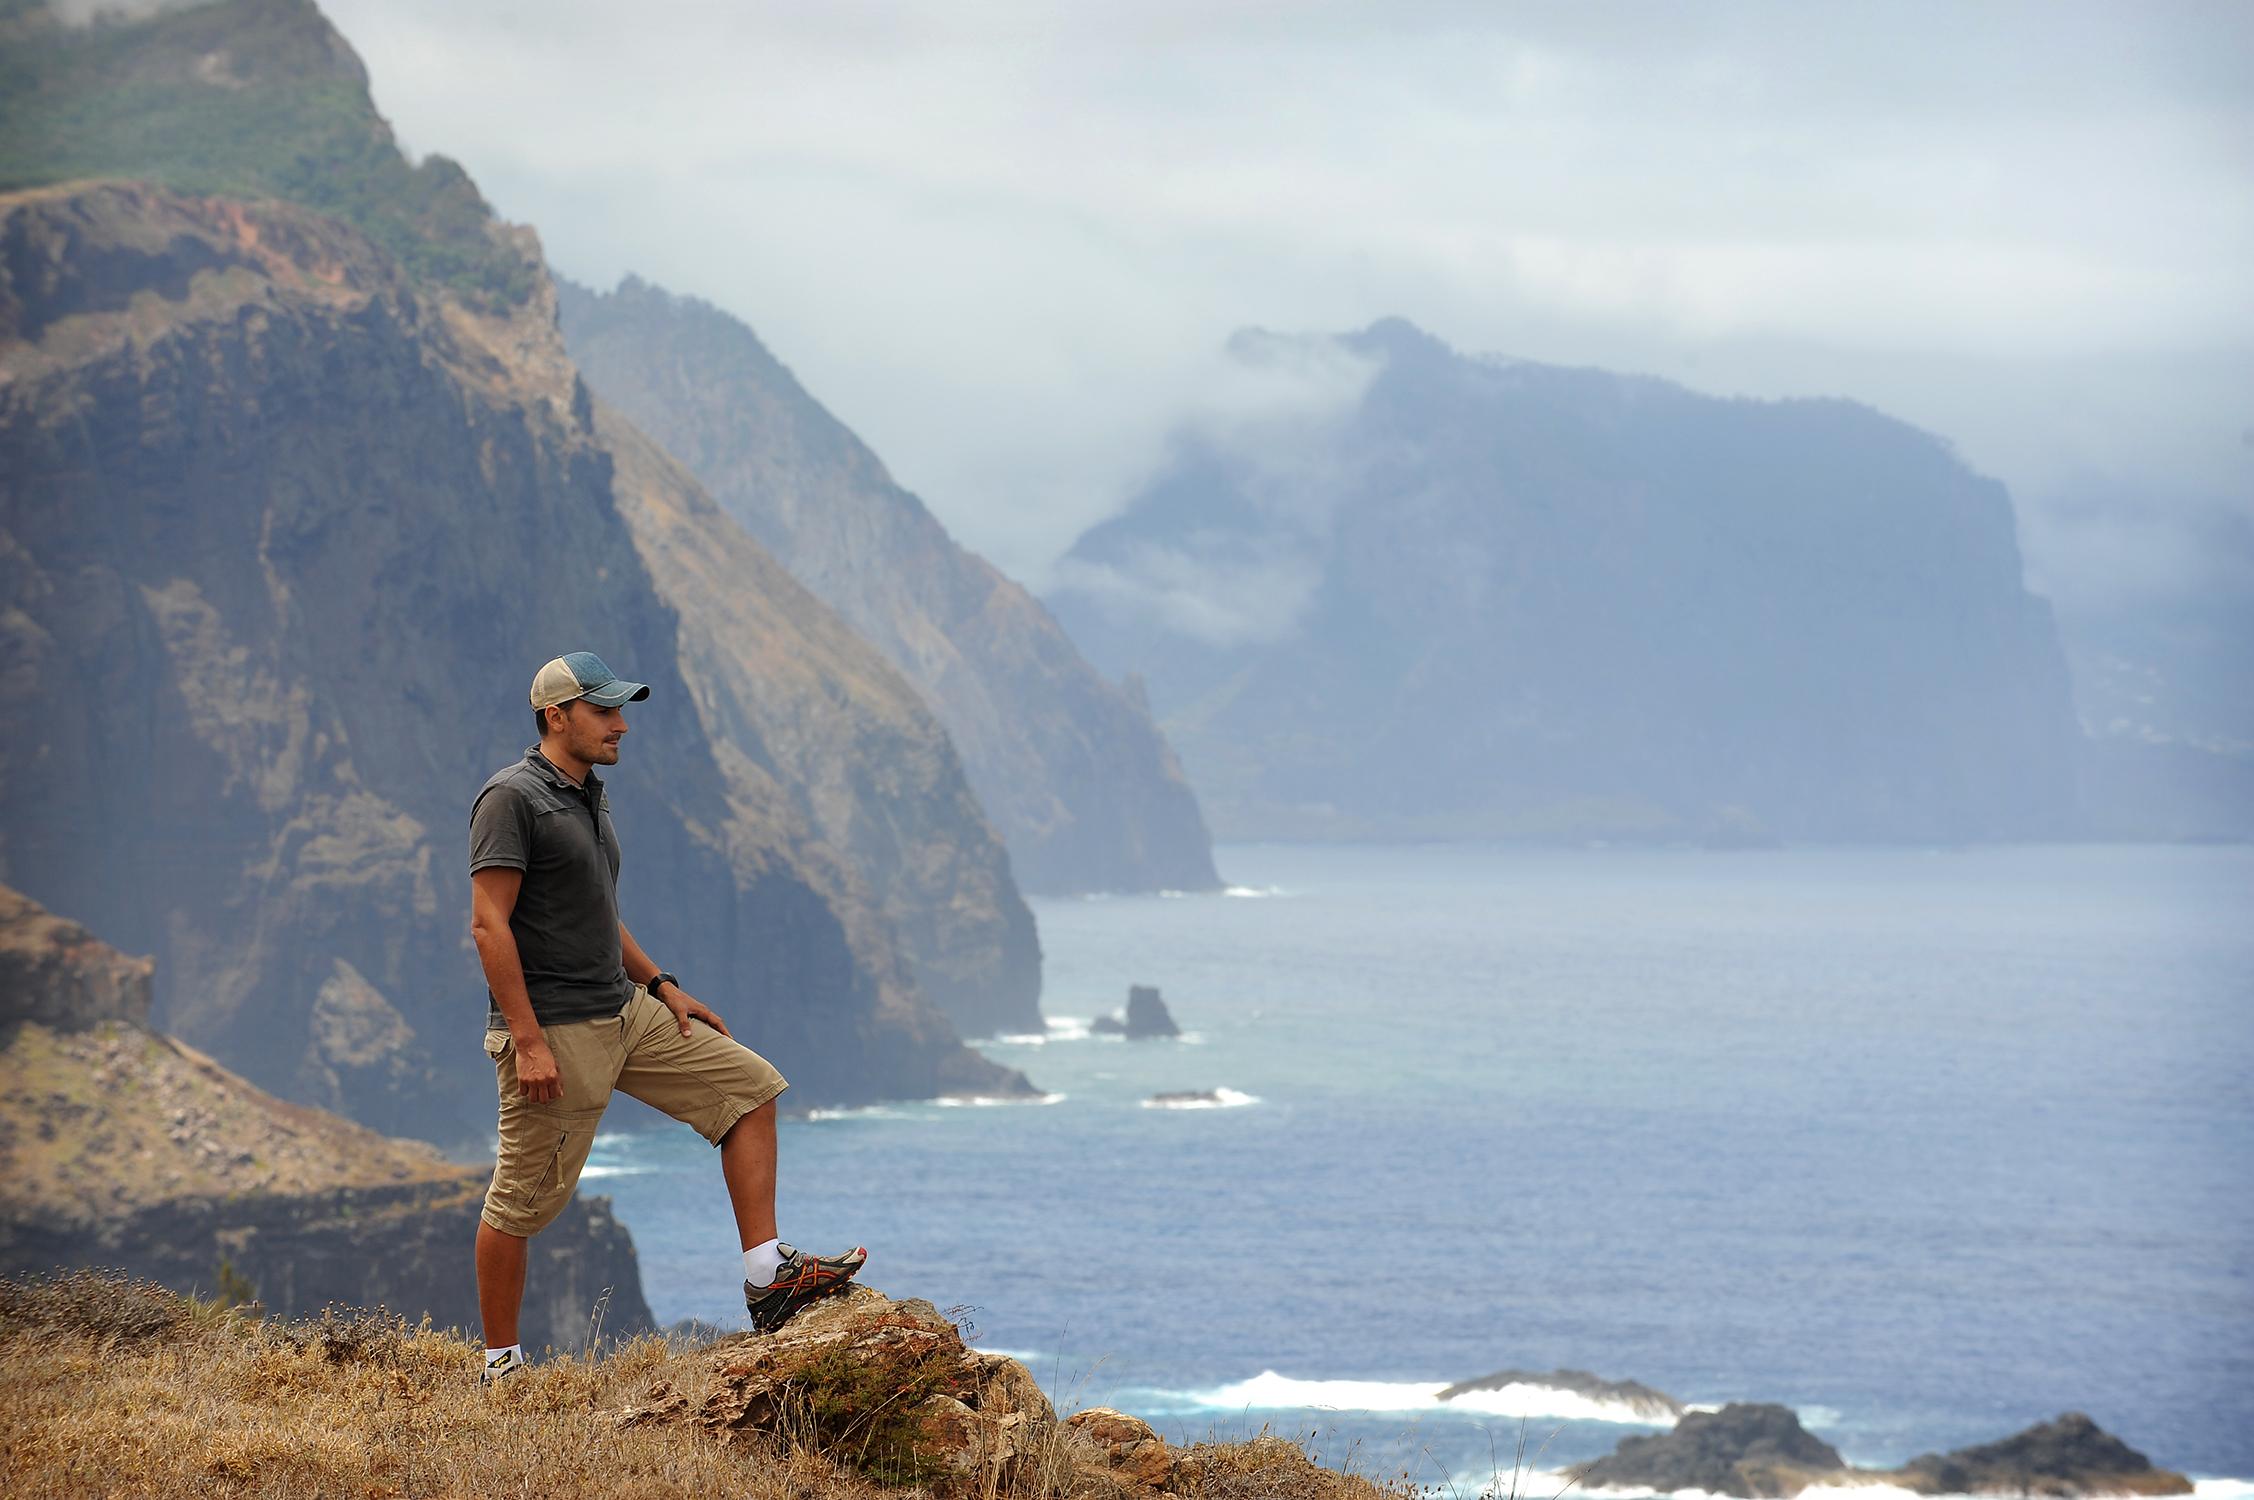 Matkablogi, blogi, Portugali, Madeira, vuoret, meri